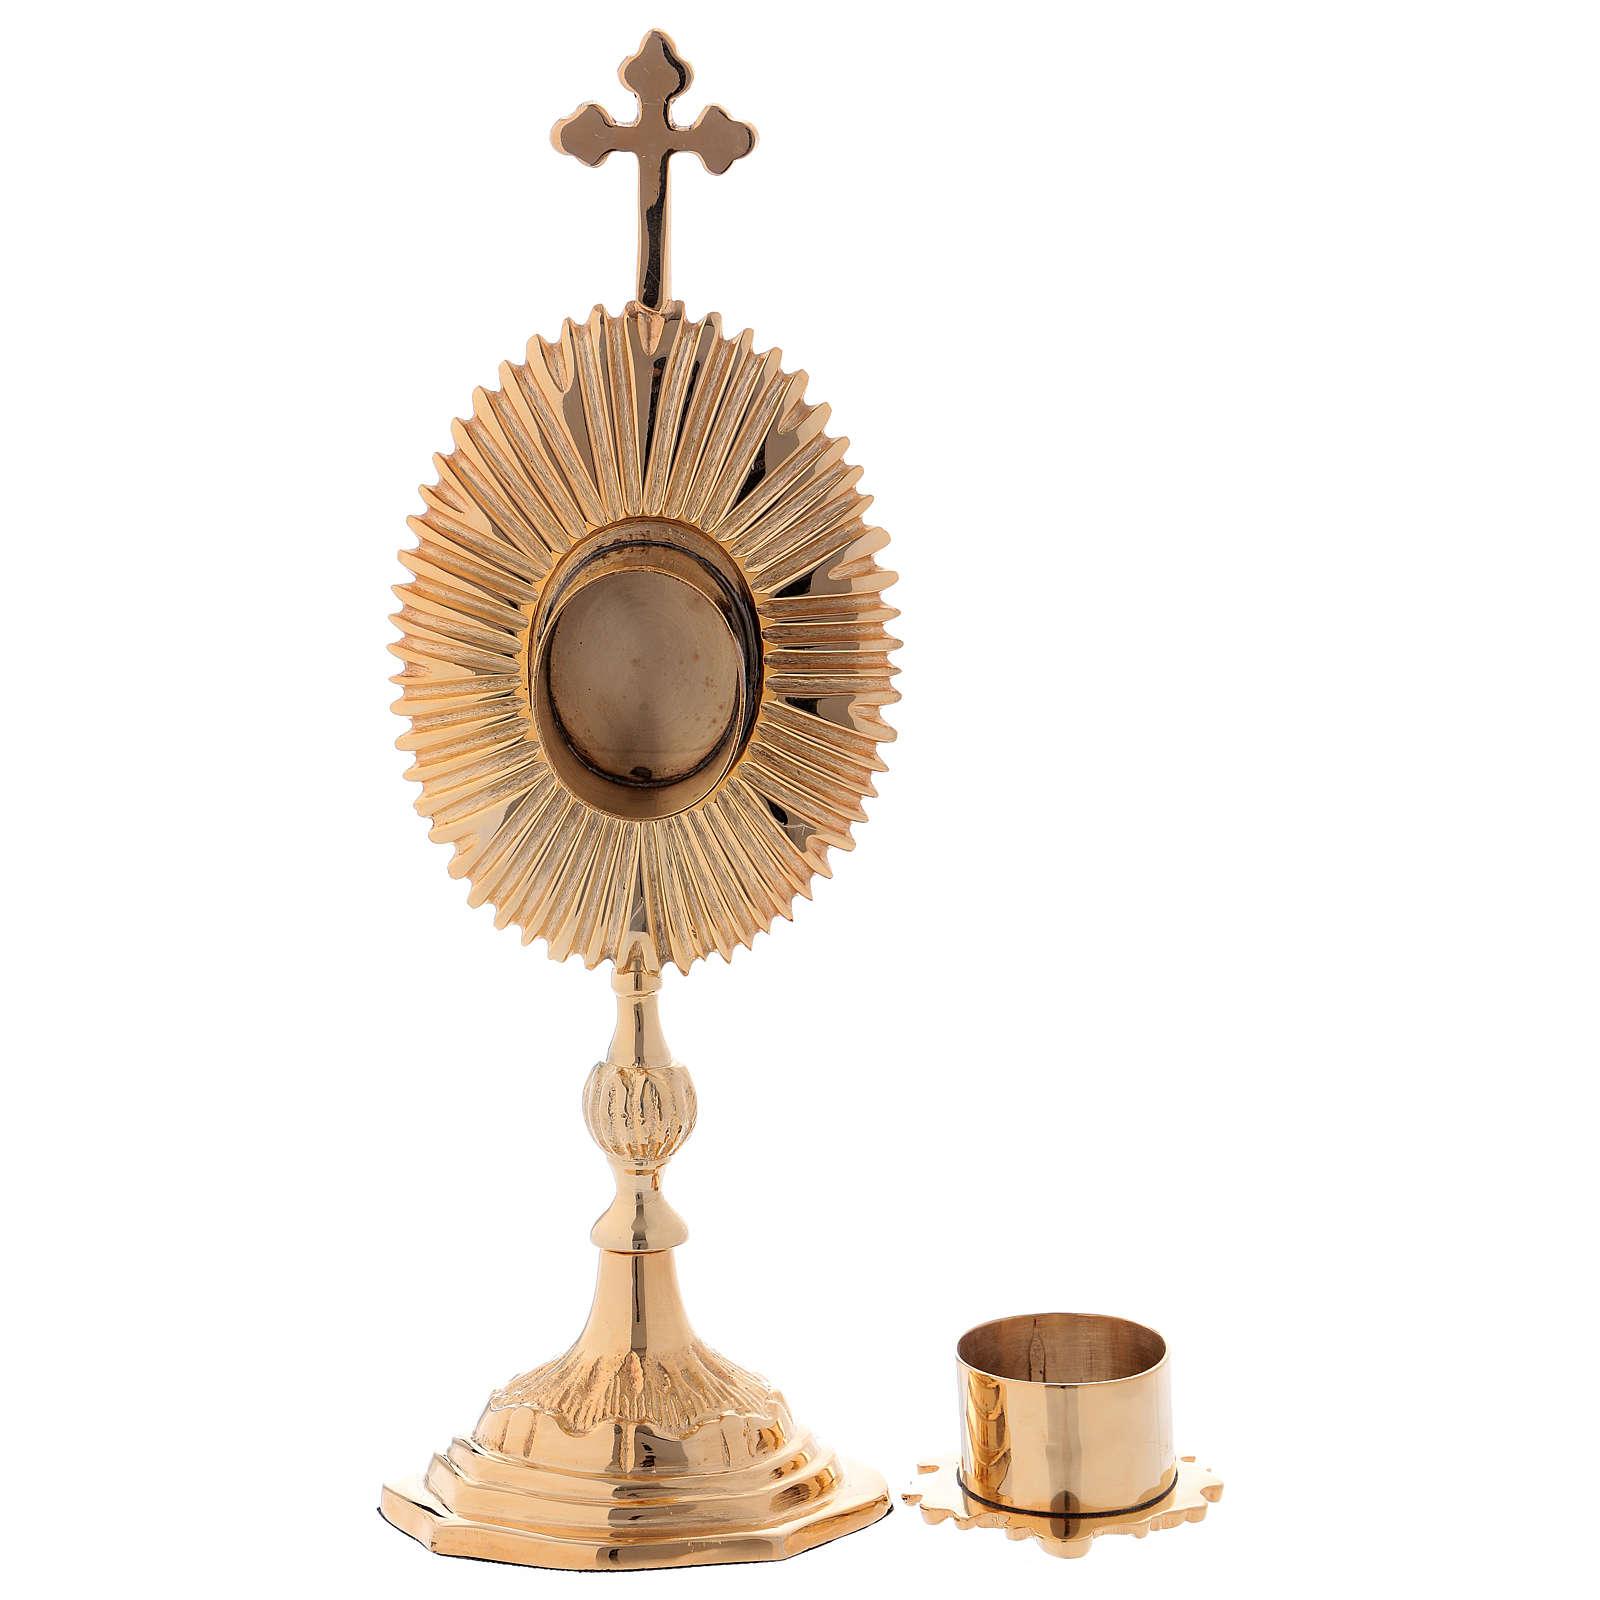 Reliquiario decorato con croce ottone dorato 4